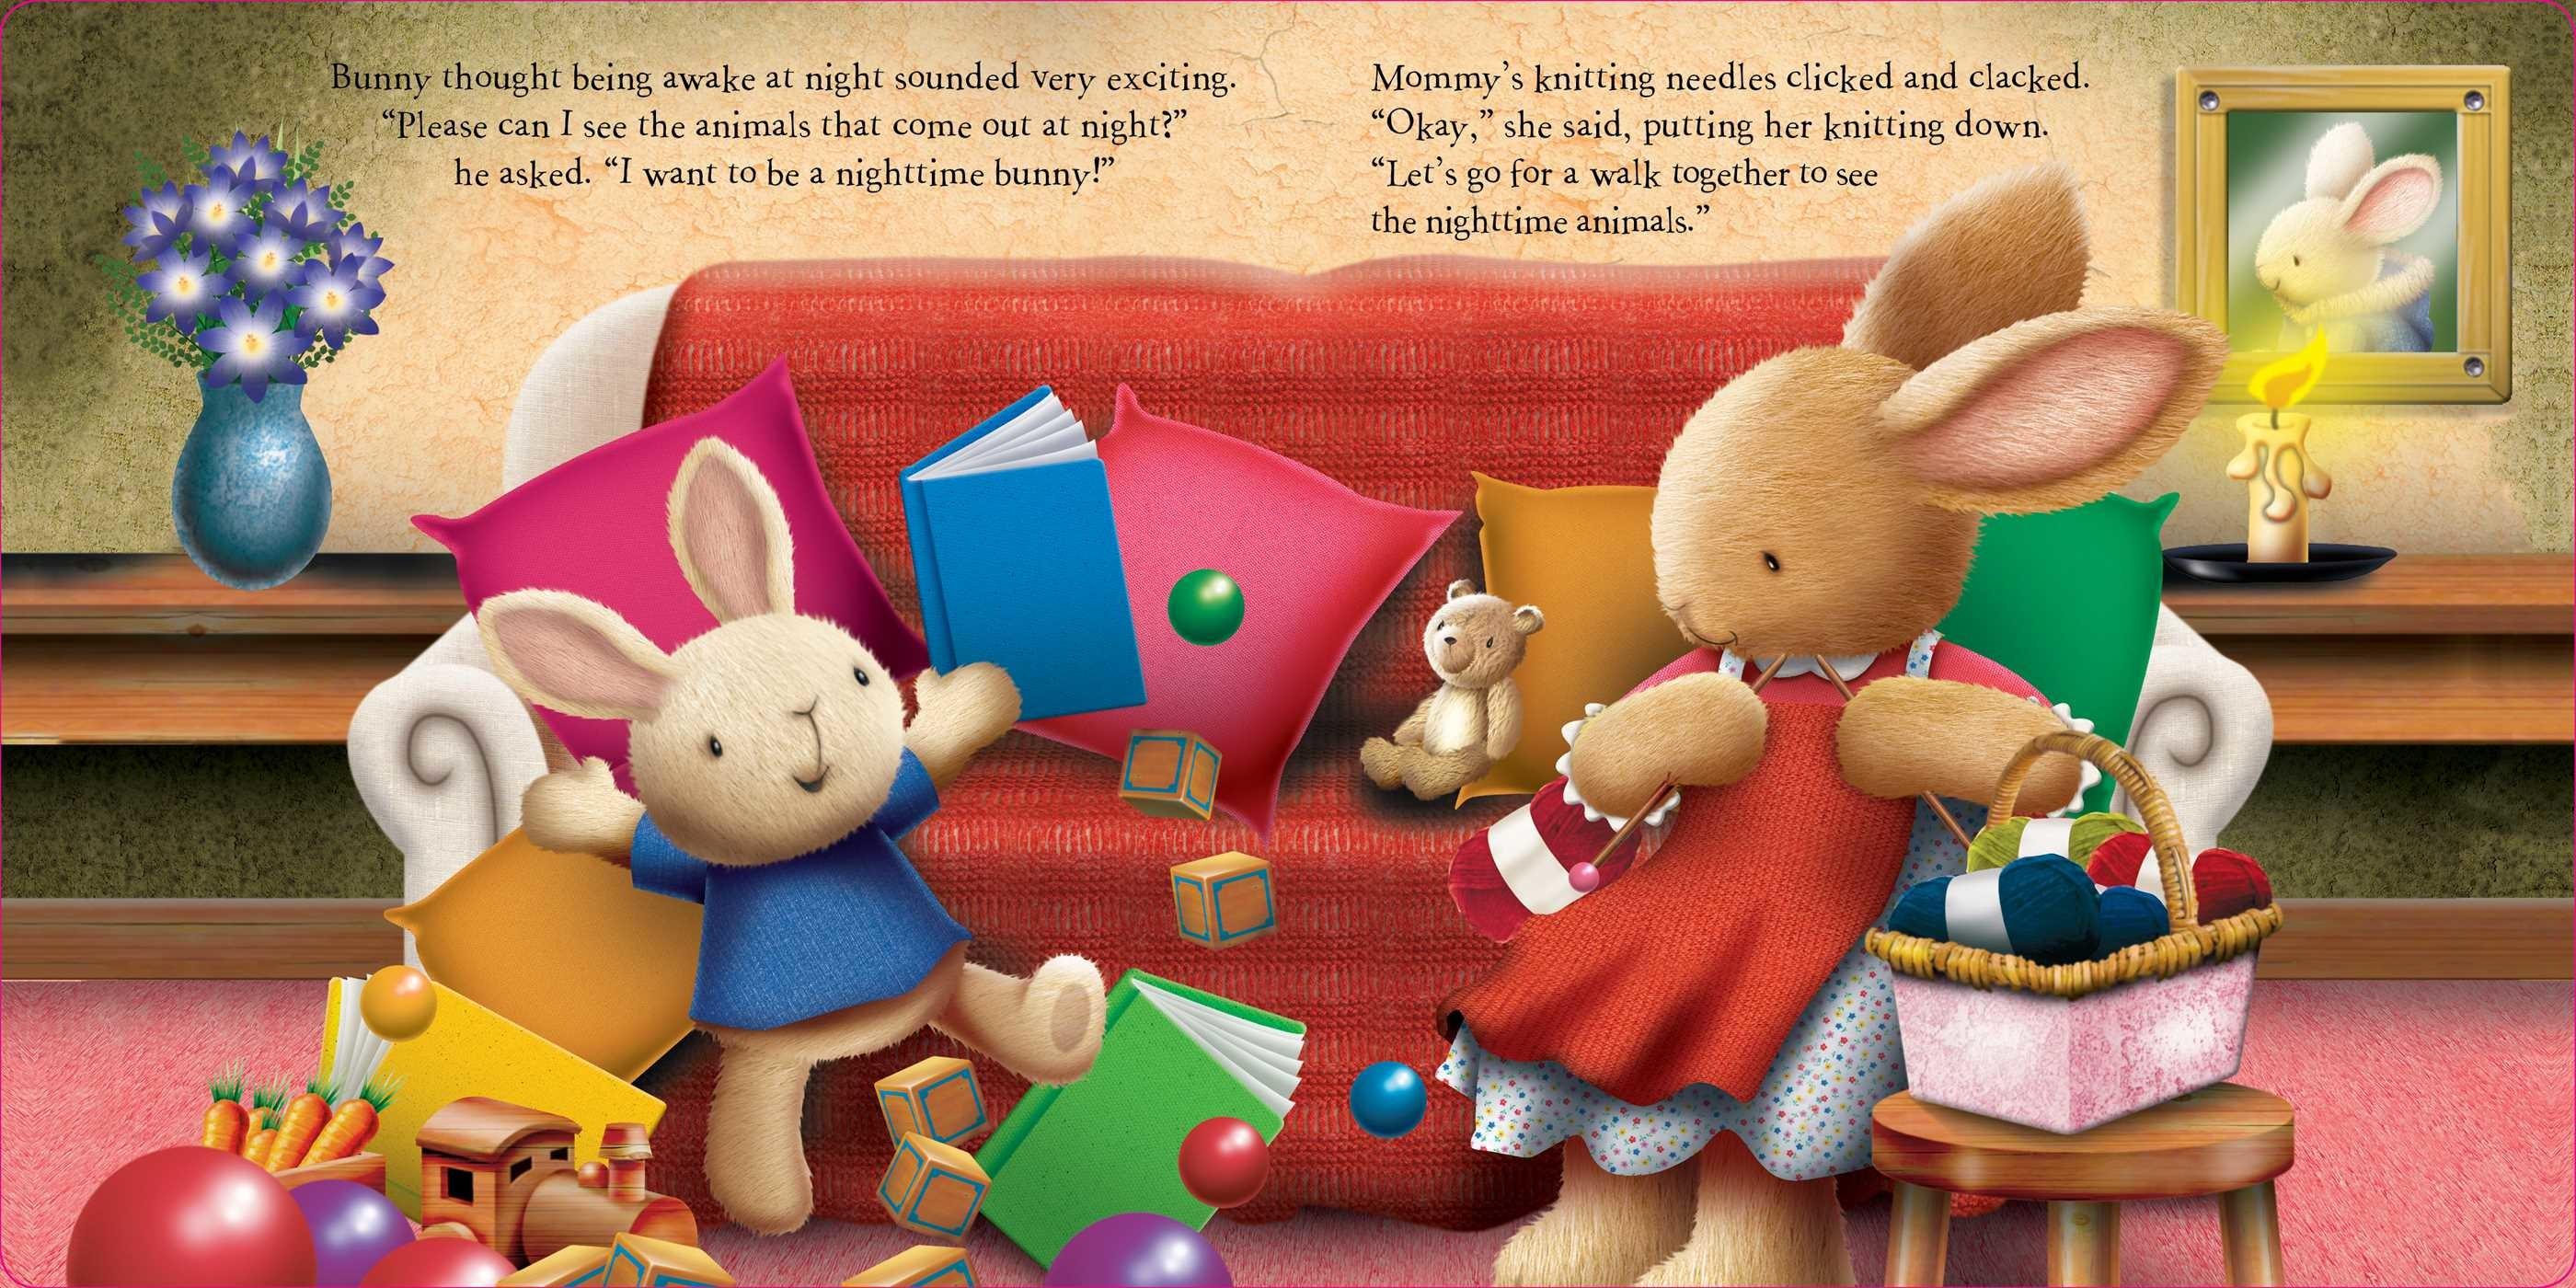 Nighttime bunny 9781499880816.in02